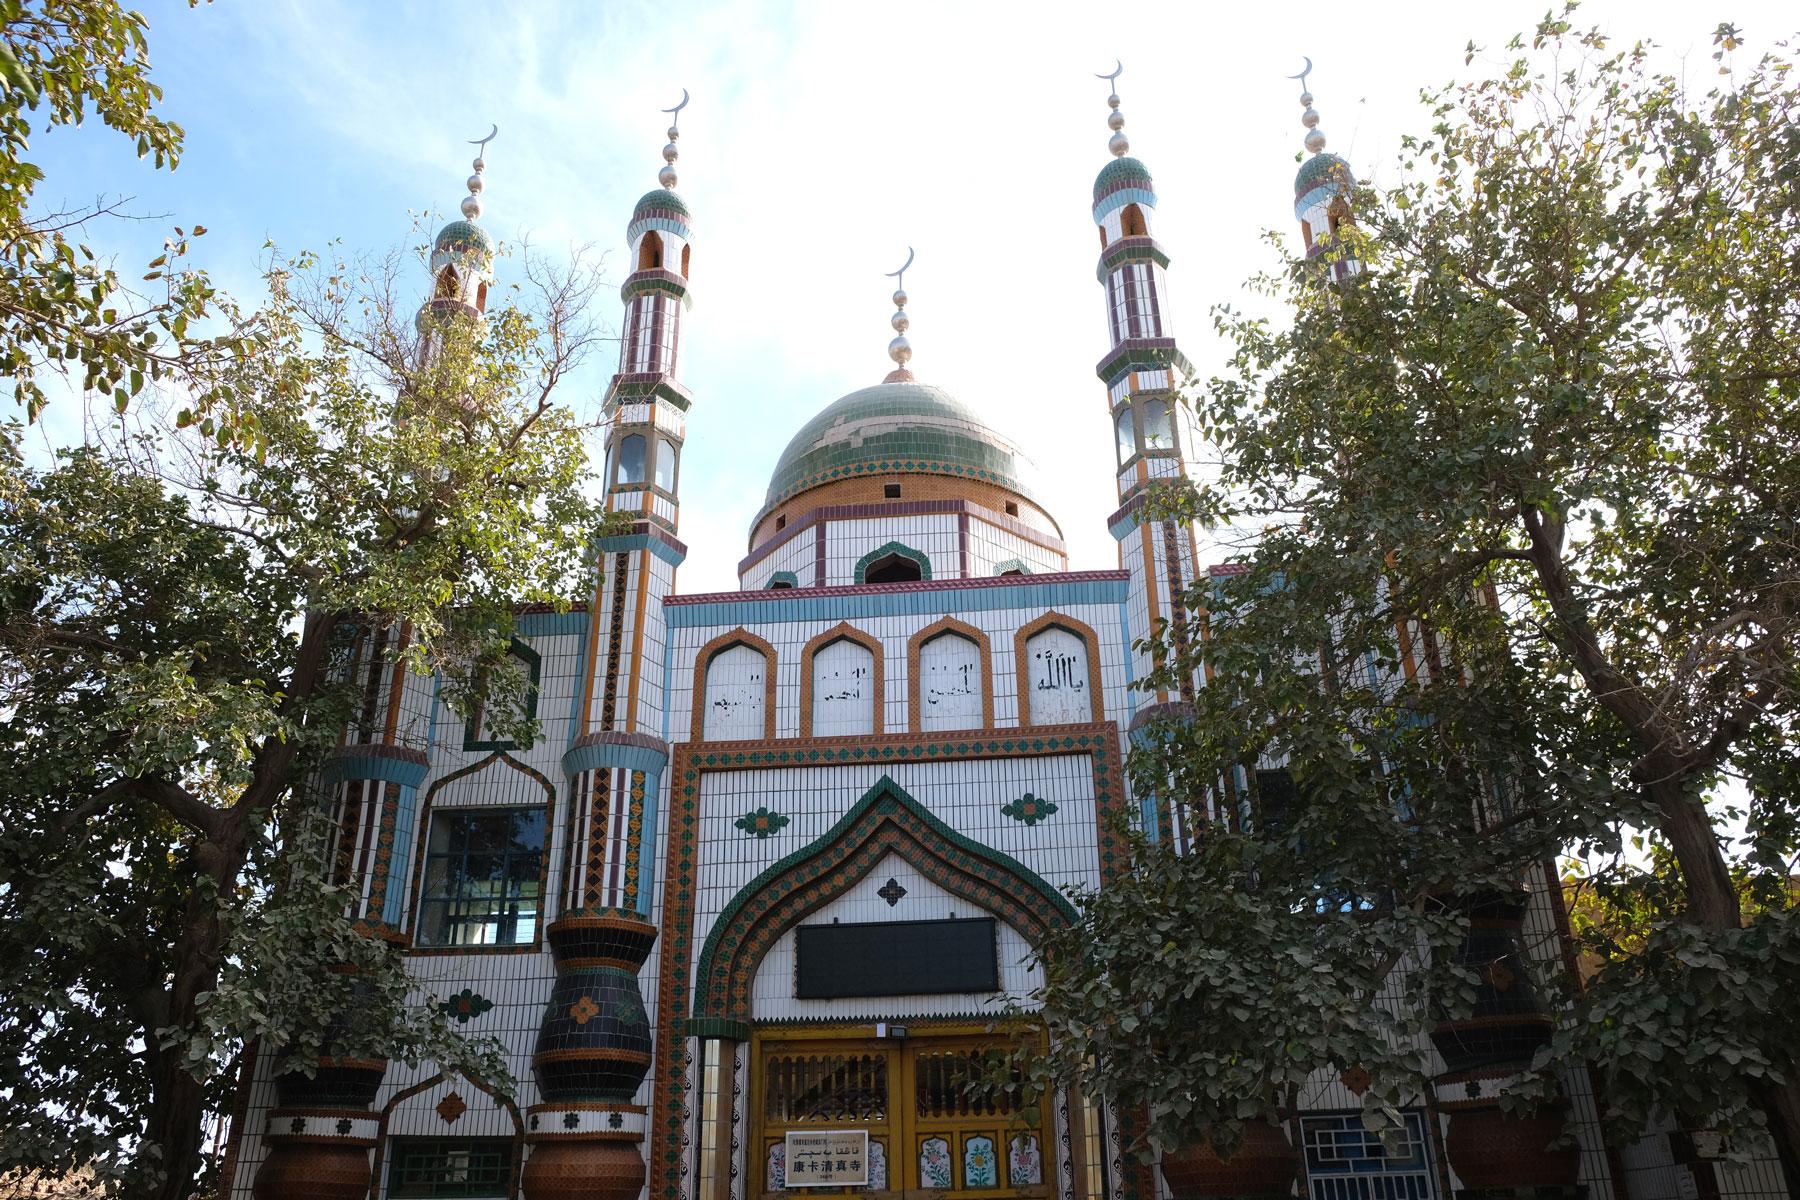 Zufällig entdecken wir die Moschee des Viertels